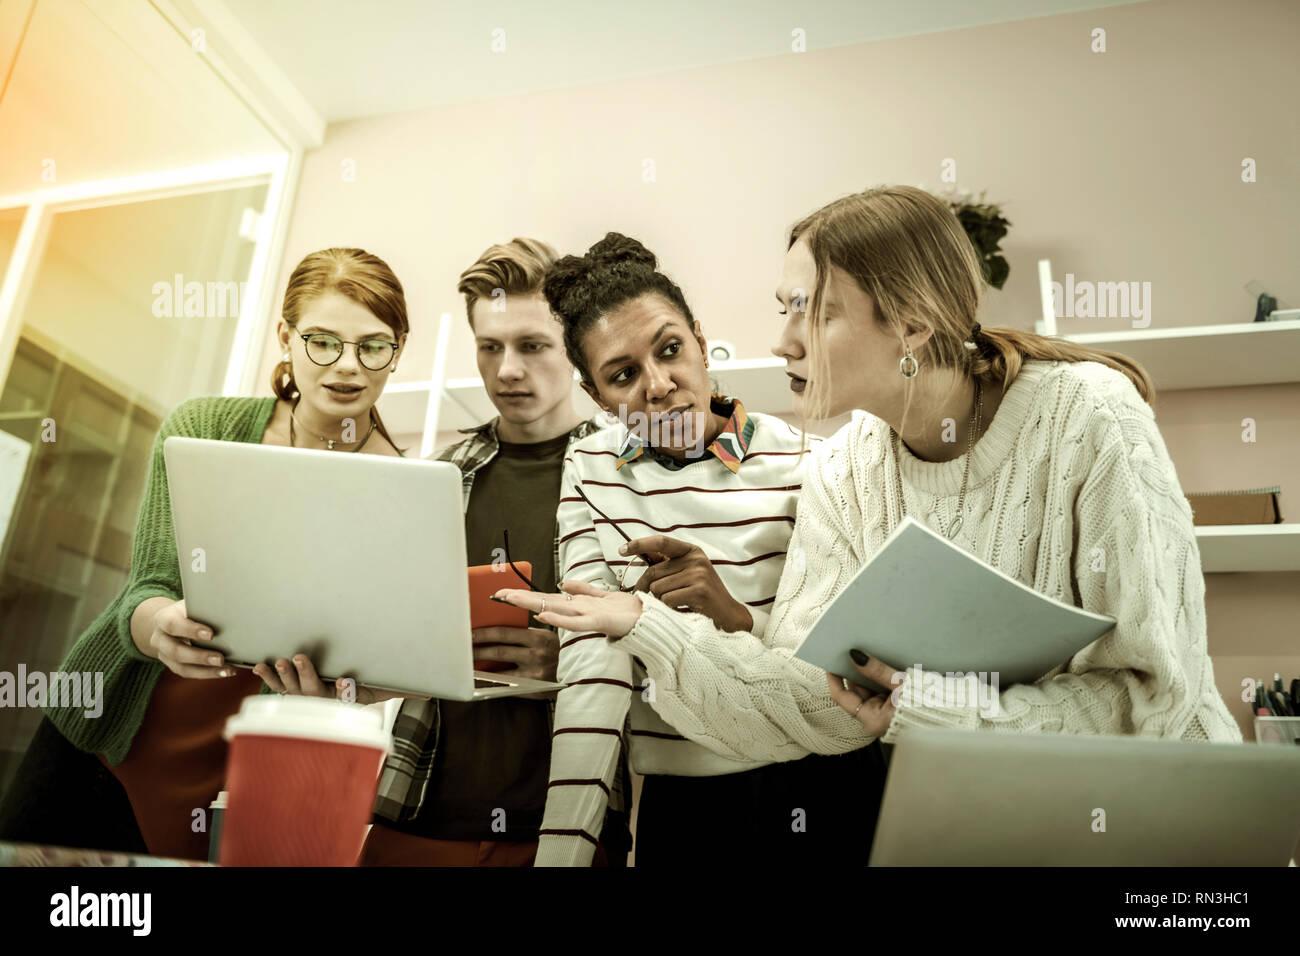 Quatre étudiants profitant de leur étude de groupe le week-end. Photo Stock